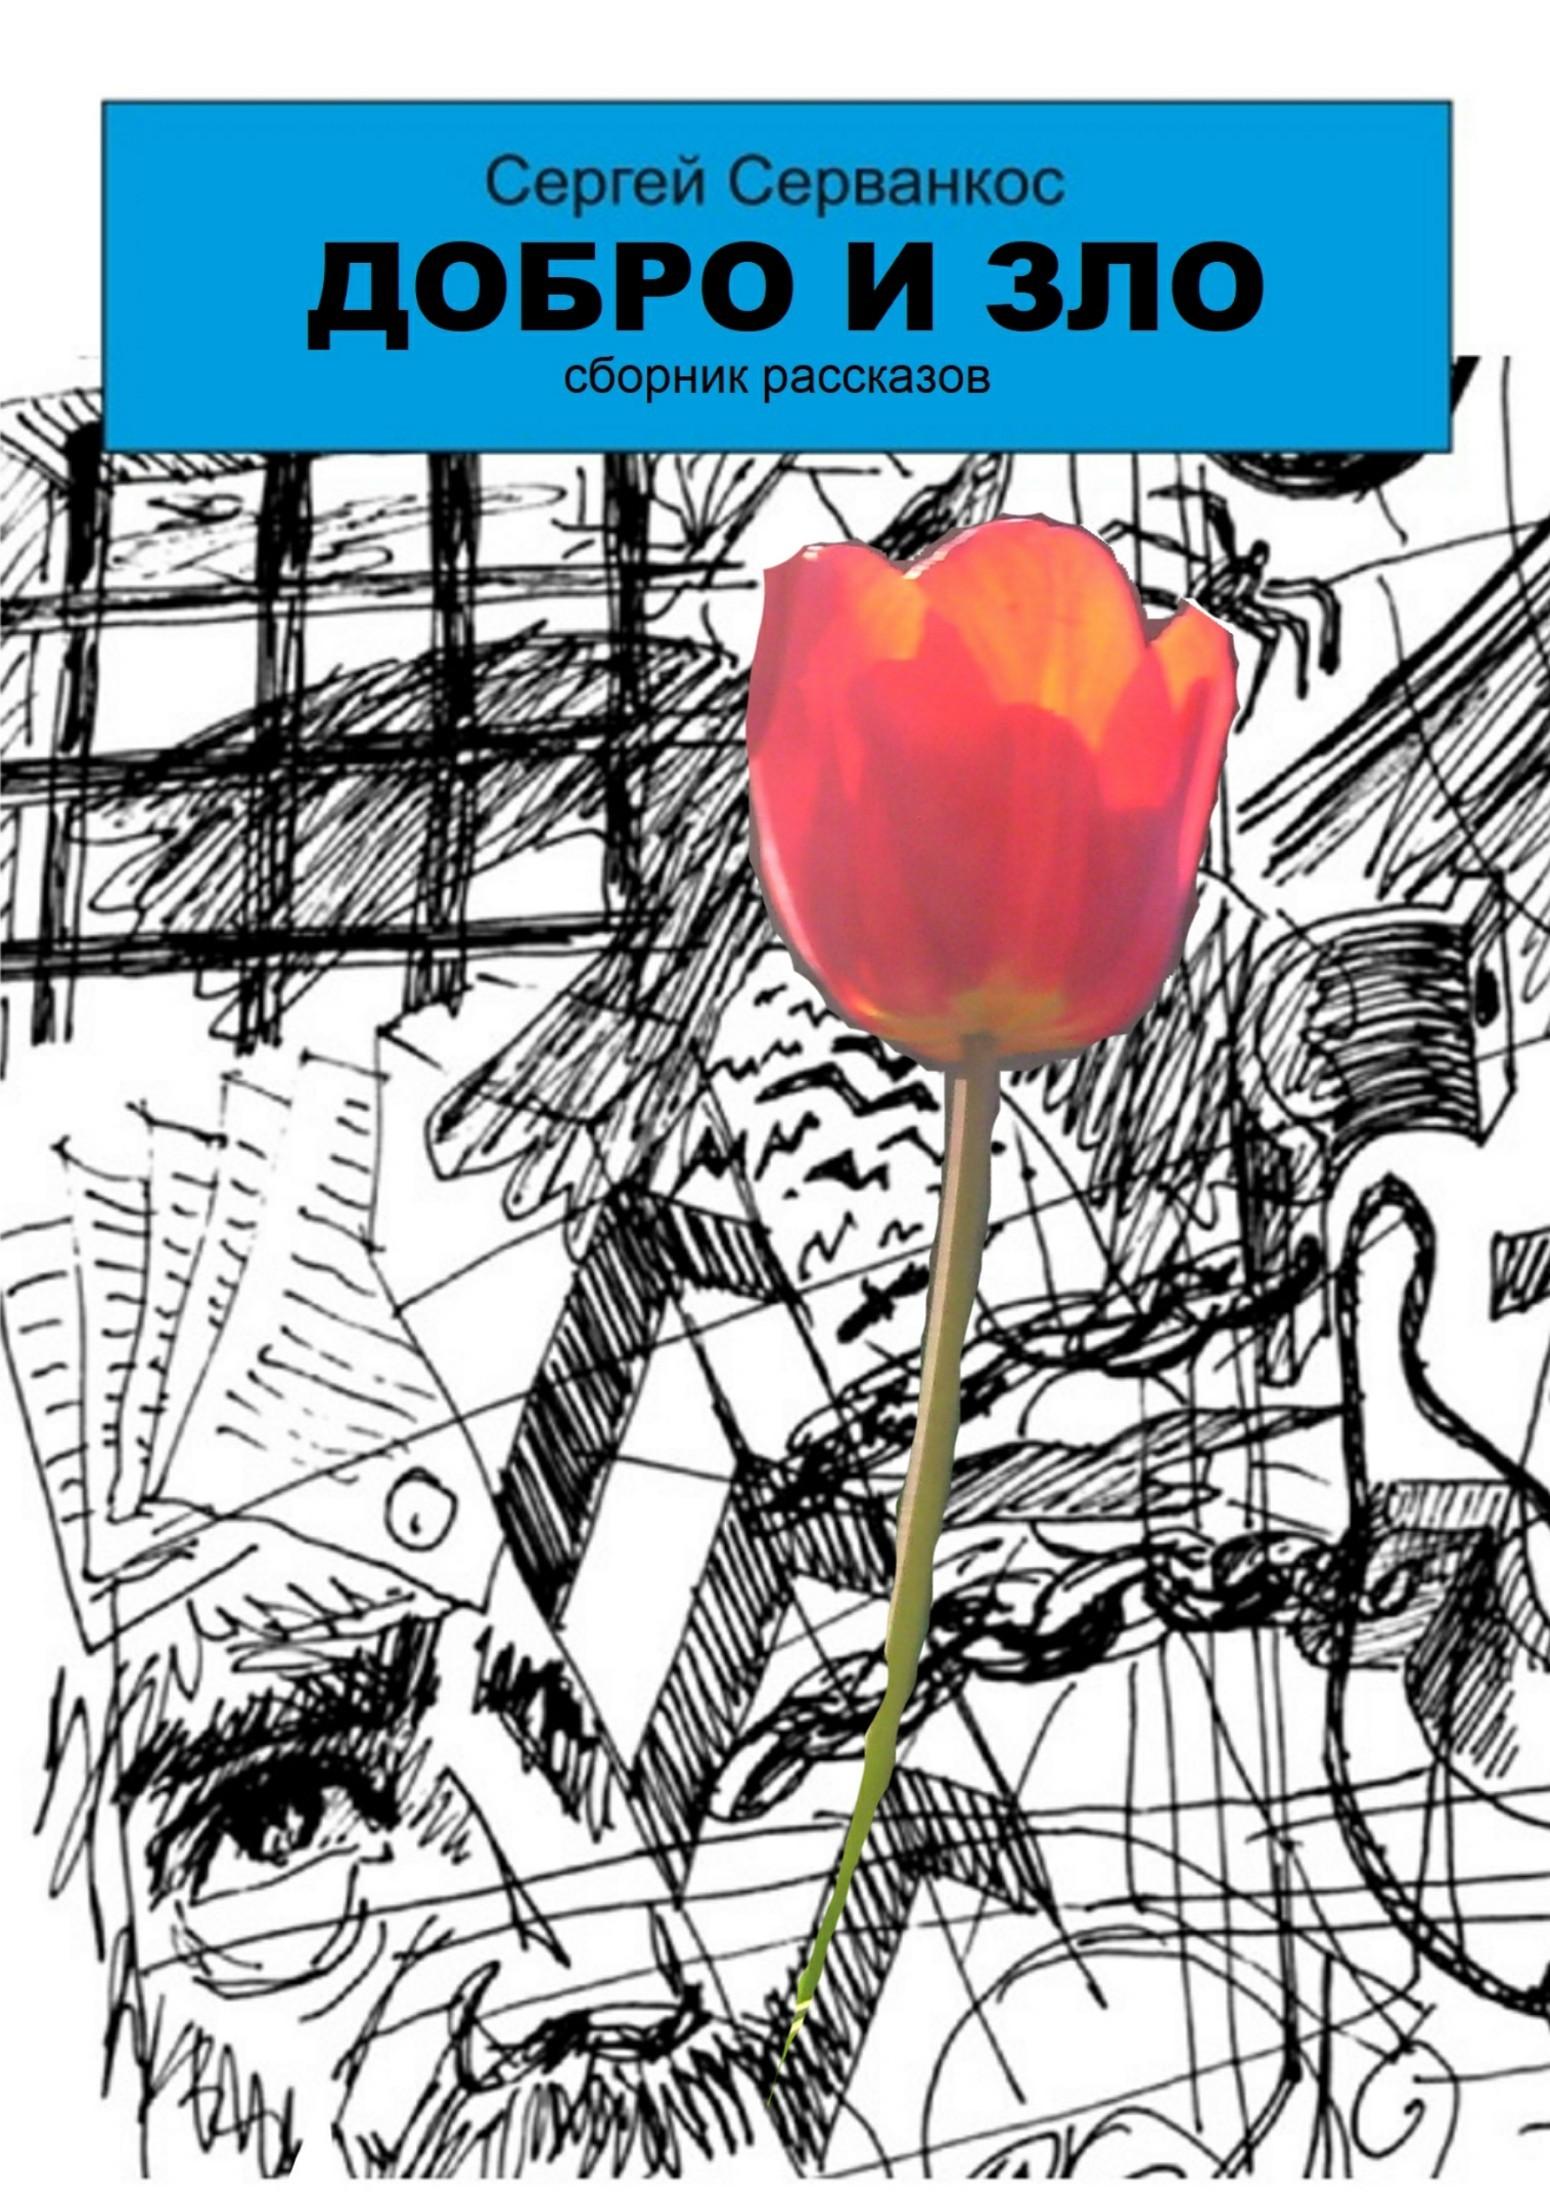 Сергей Иванович Серванкос Добро и зло. Сборник рассказов сергей серванкос творец молодость человечества книга4